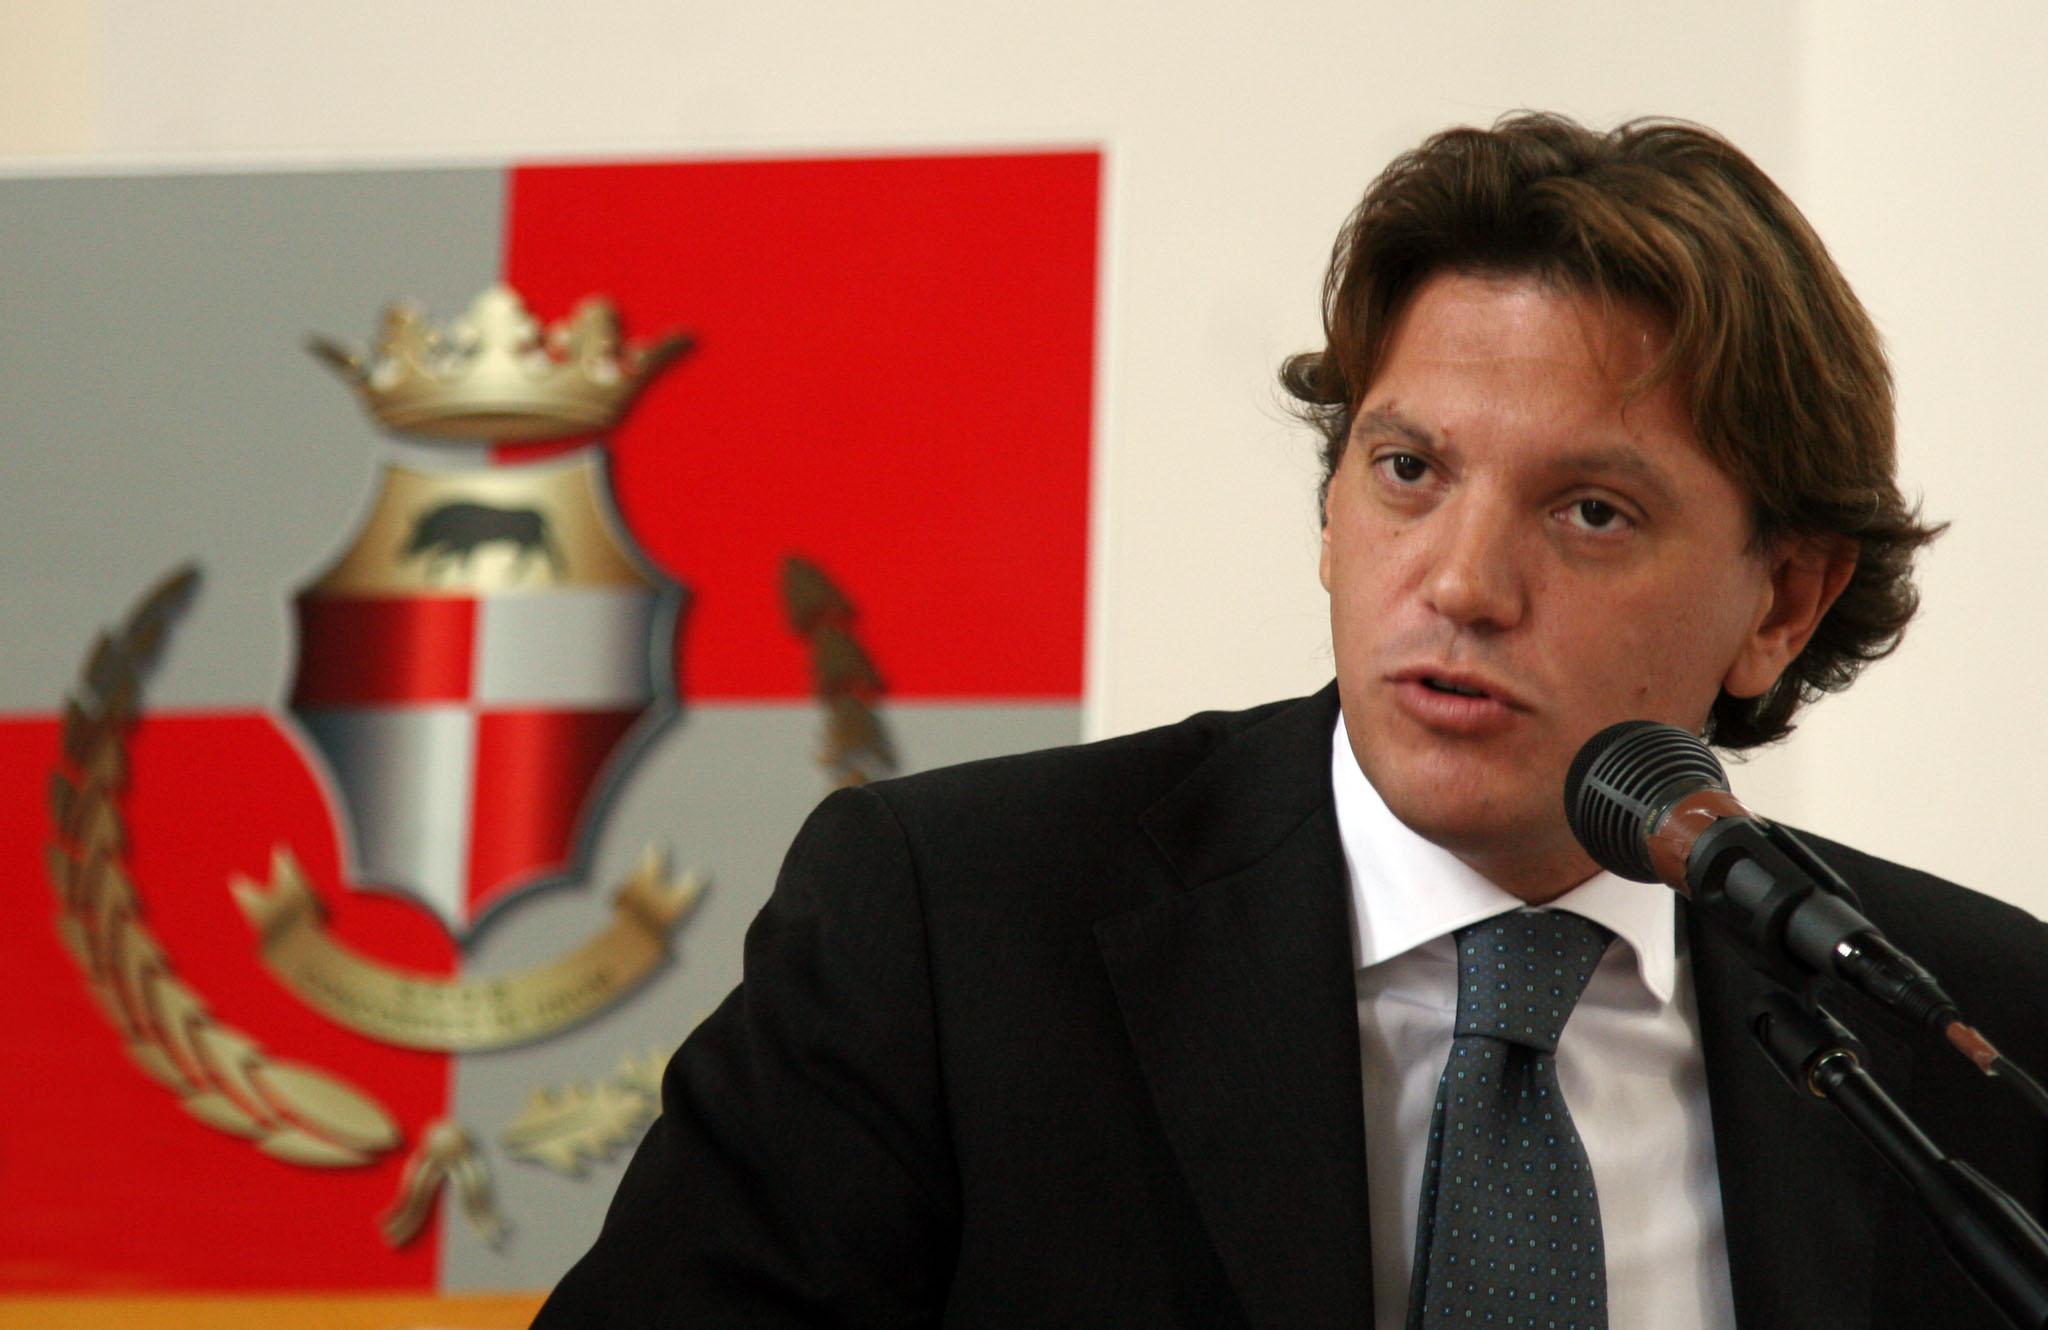 Utilizzo fondi per ristrutturazione Teatro Comunale di Benevento, i consiglieri richiedono convocazione della Commissione Cultura.